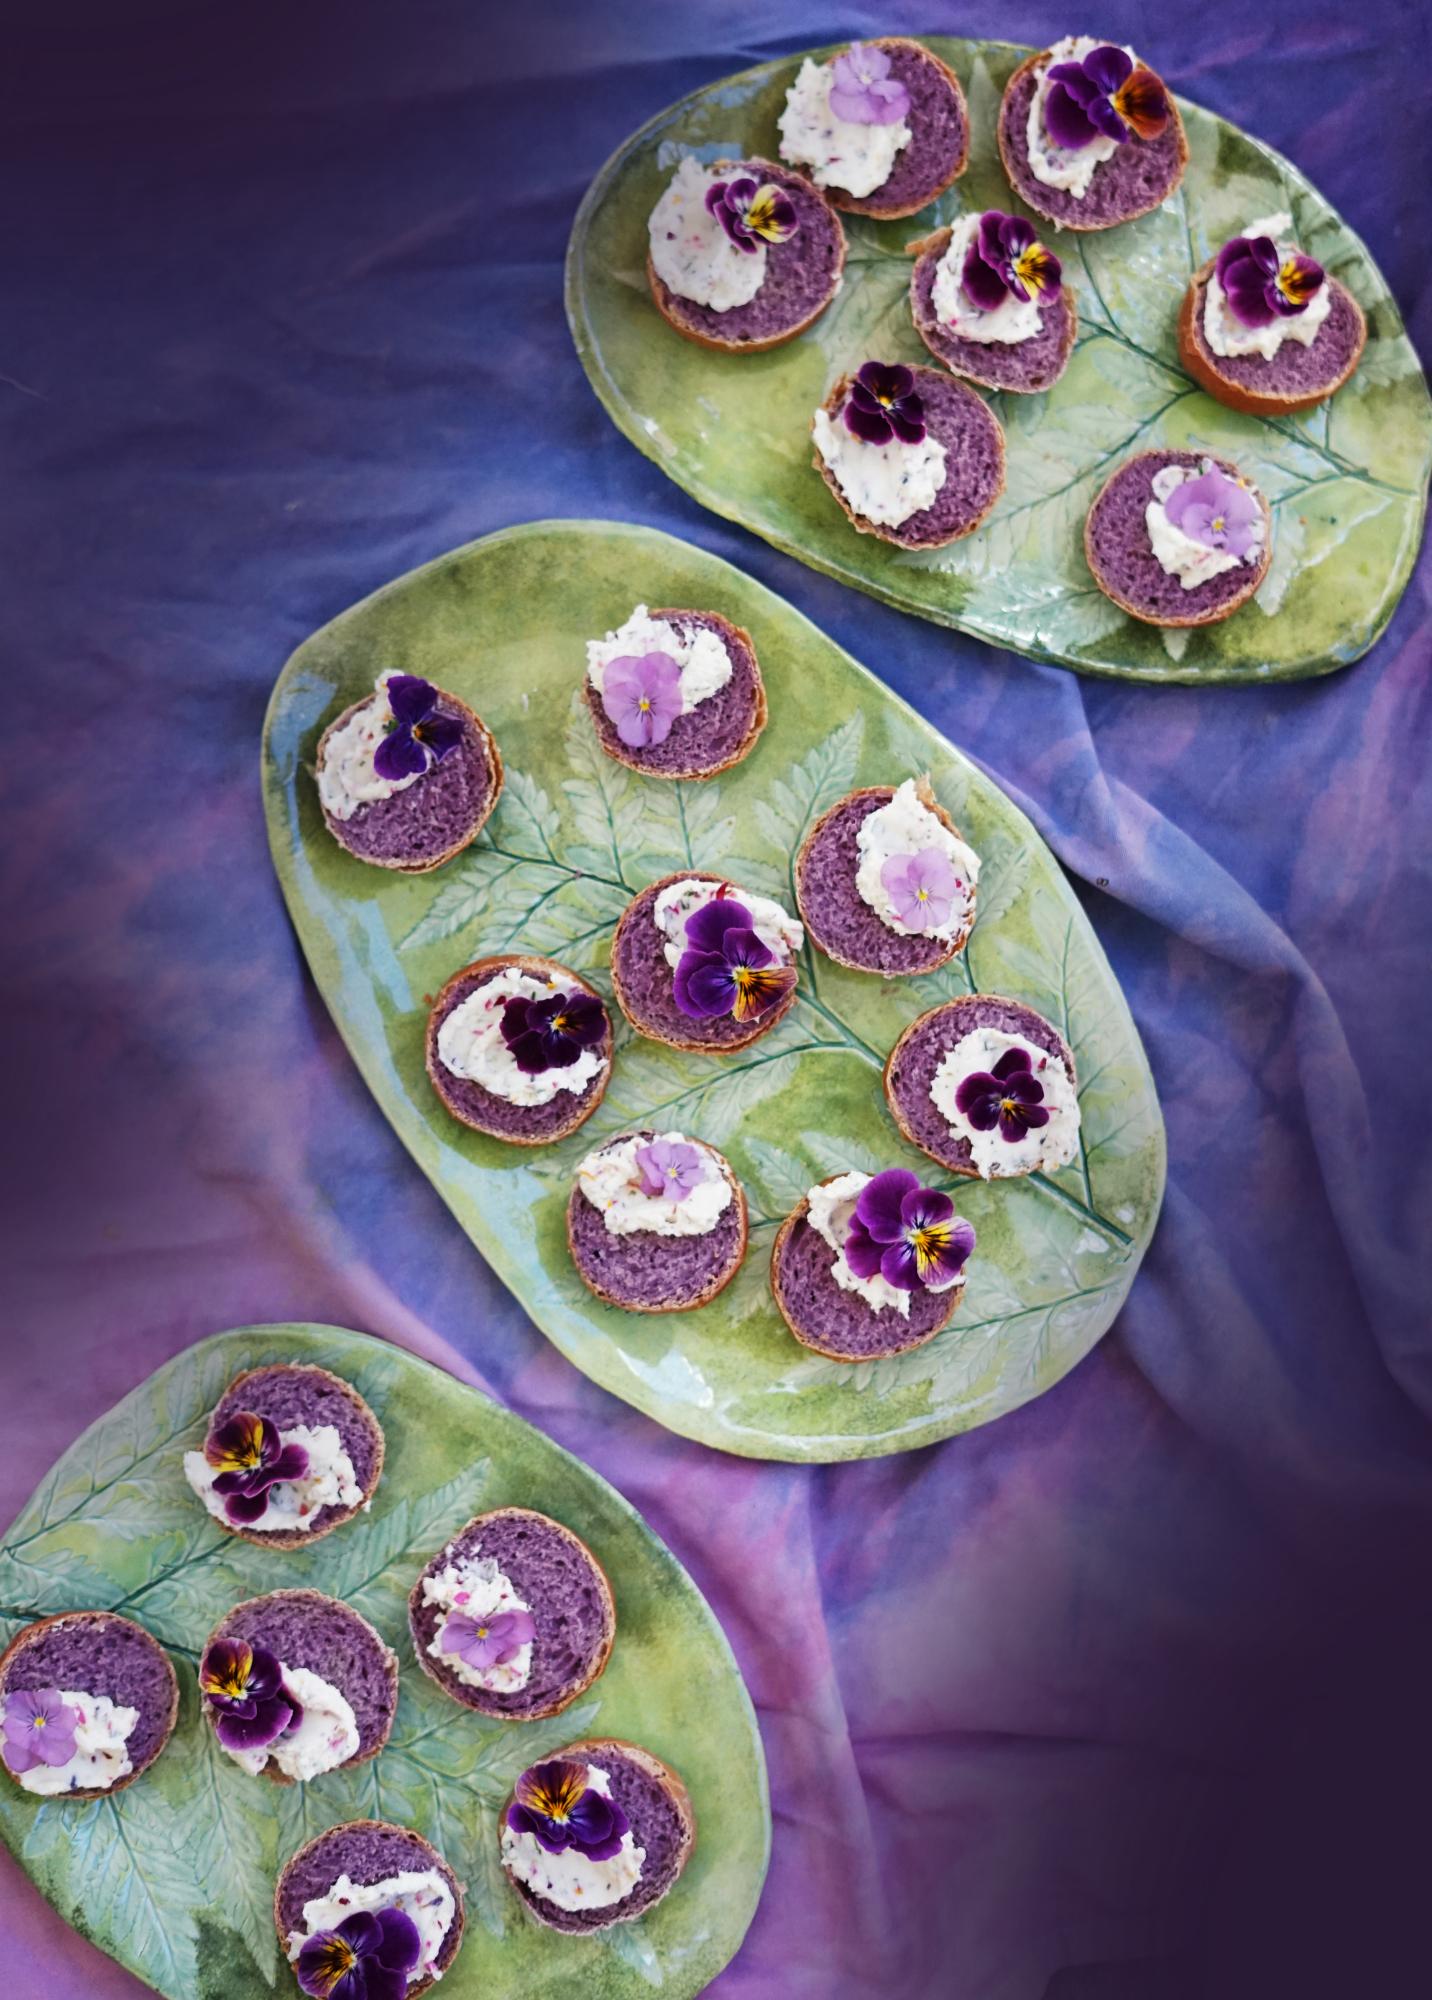 purplerolls3small.jpg